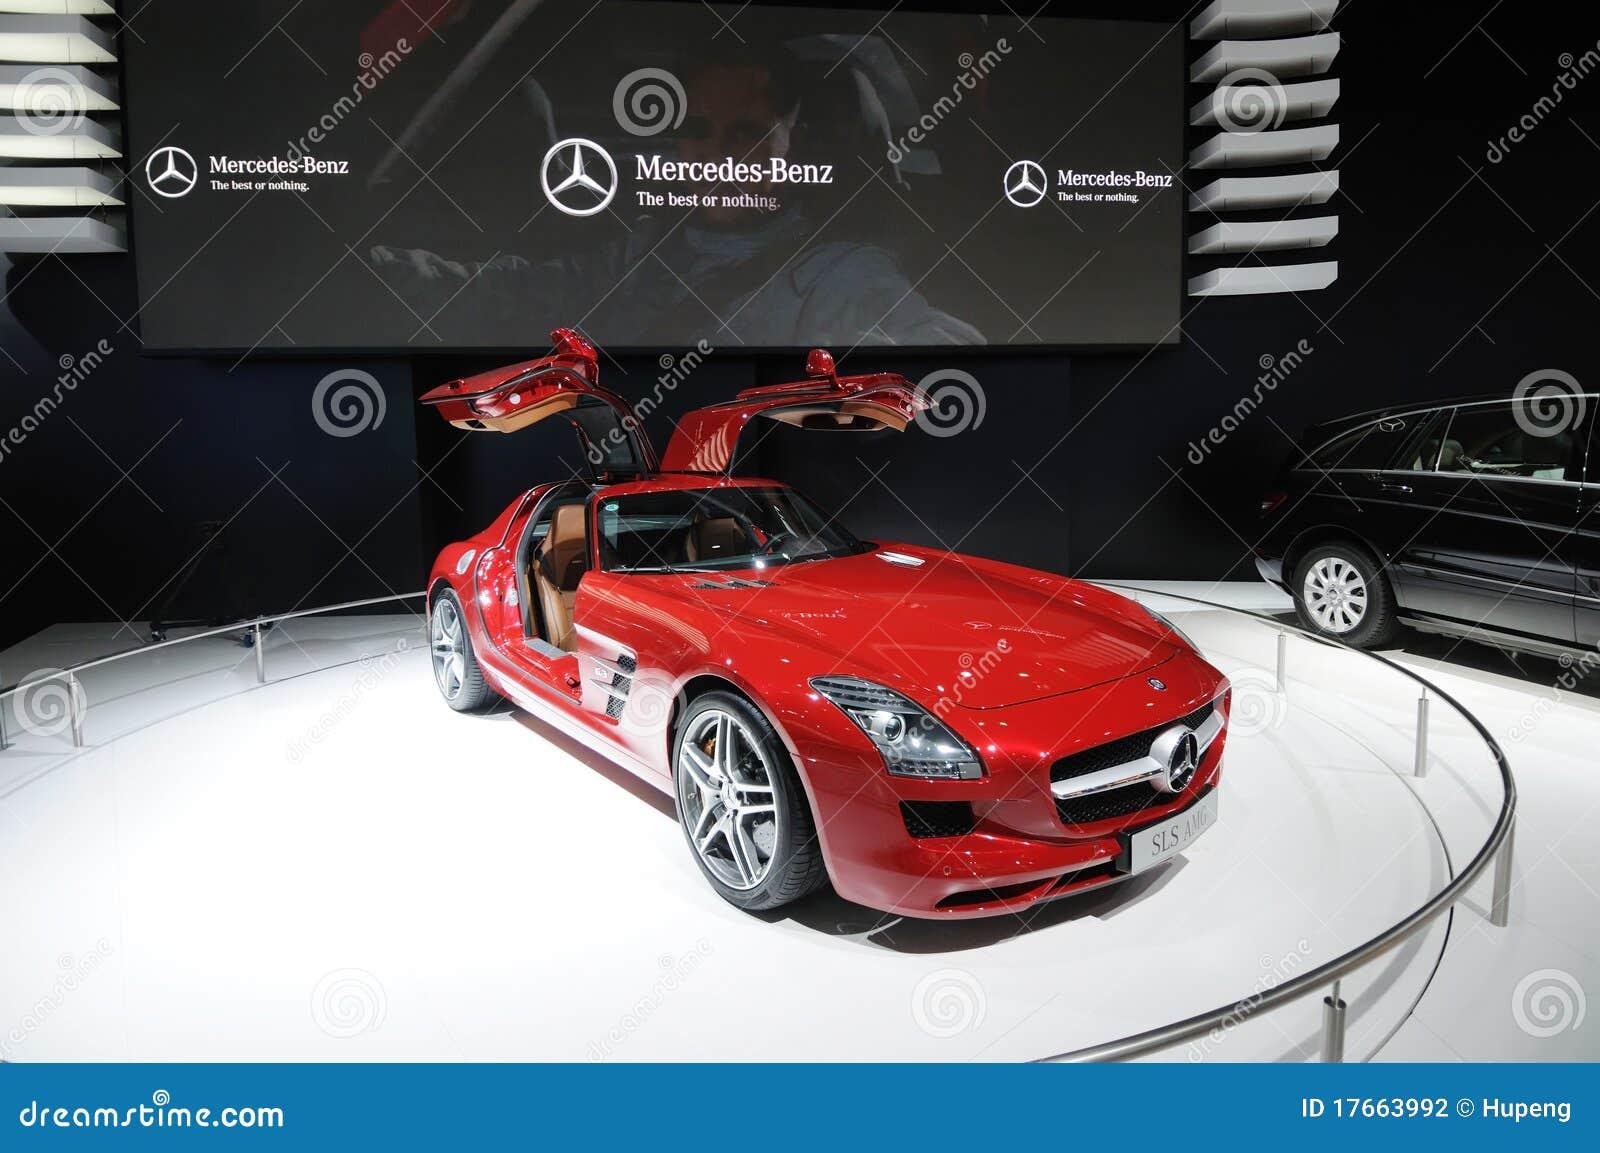 Red mercedes benz sls amg car editorial photography for Mercedes benz sls amg red